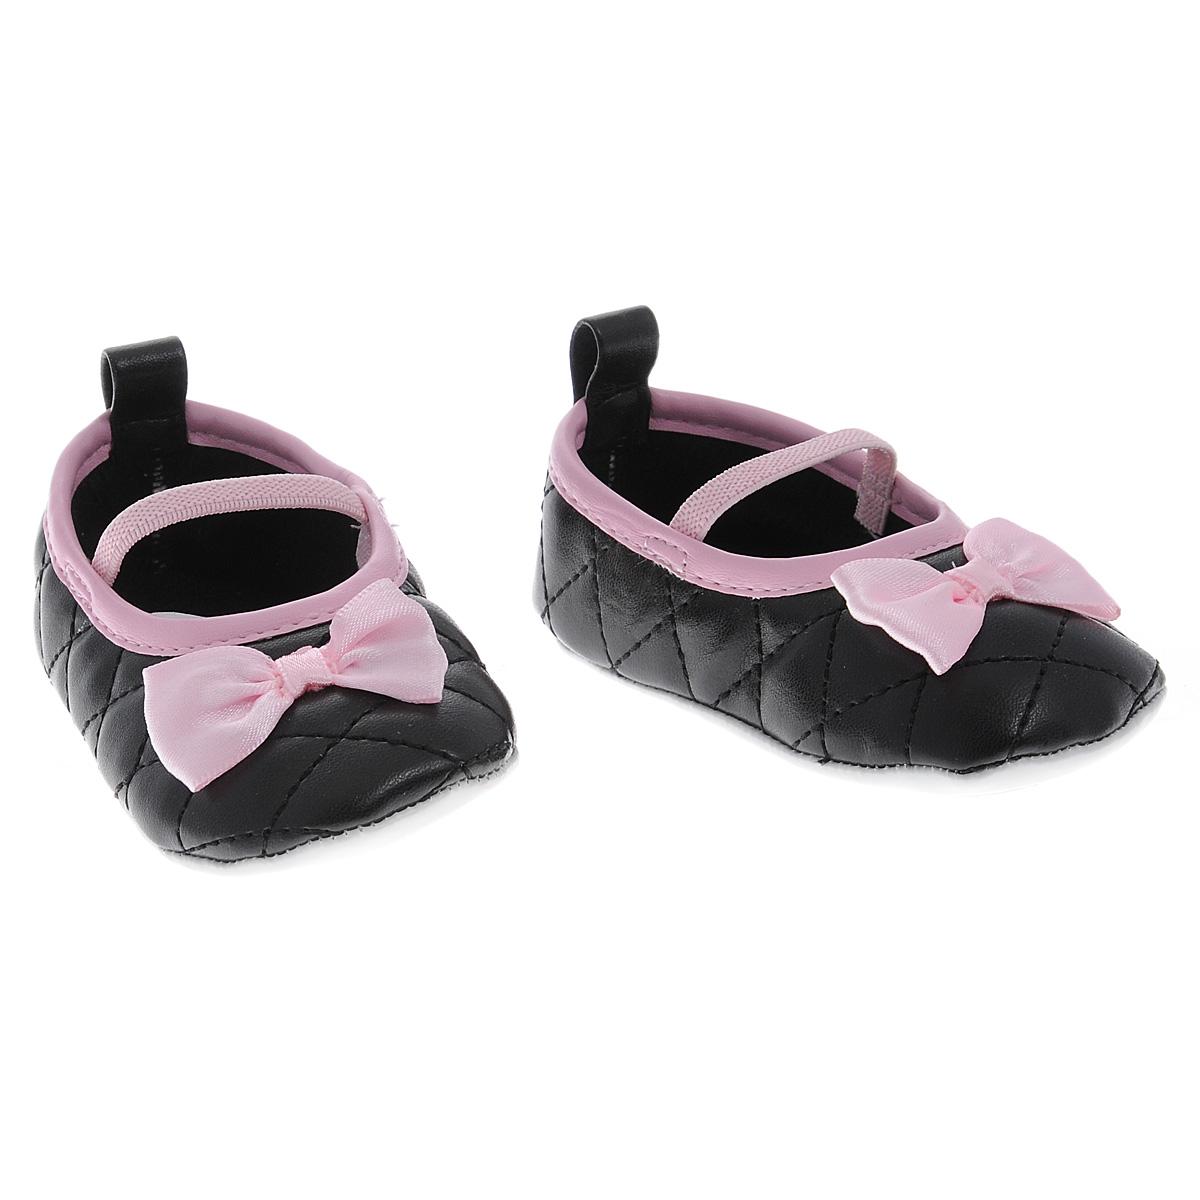 11165Оригинальные детские пинетки для девочки Luvable Friends, стилизованные под классические балетные туфли Мэри Джей - это легкая и удобная обувь для малышей. Удобная эластичная резинка-перемычка, надежно фиксирующая пинетки на ножке малышки, мягкие, не сдавливающие ножку материалы делают модель практичной и популярной. Стопа оформлена прорезиненным рельефным рисунком, благодаря которому ребенок не будет скользить. Мягкие, стеганные, украшенные отделкой из кантика и атласного банта, пинетки украсят гардероб маленькой модницы!